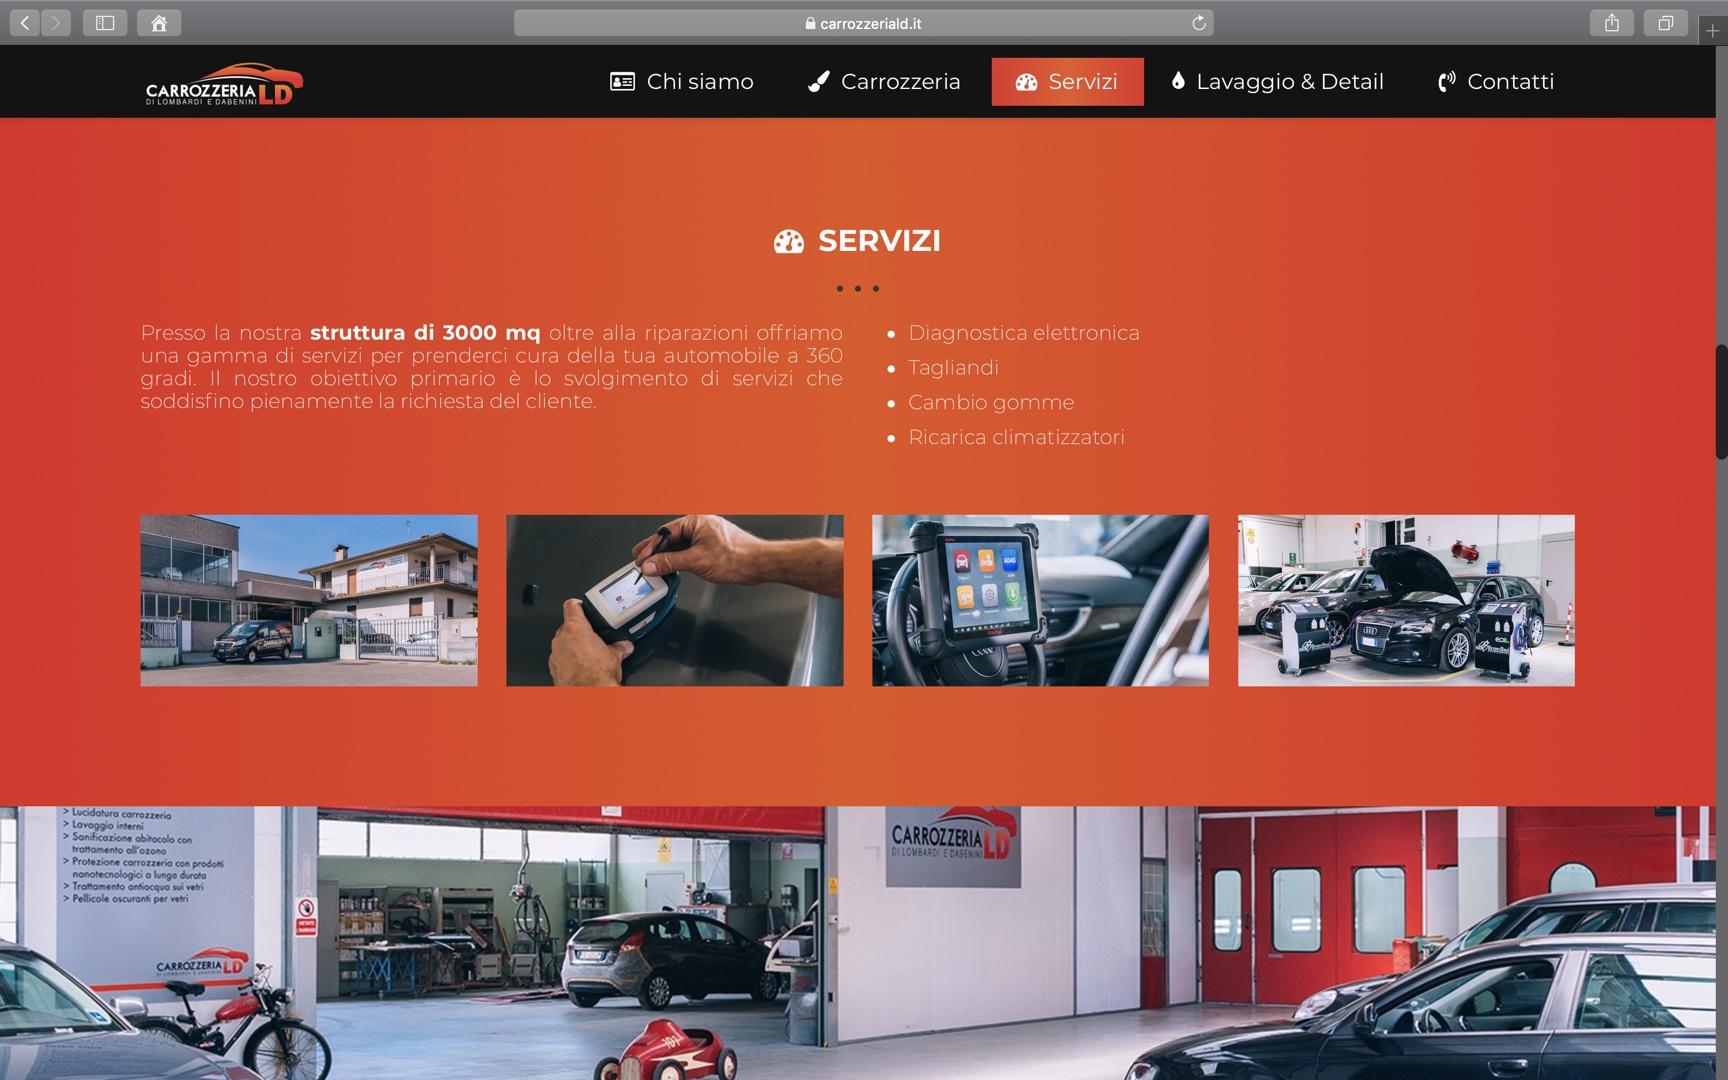 realizzazione-siti-web-ghedi-brescia-carrozzeria-ld-qappuccino_5